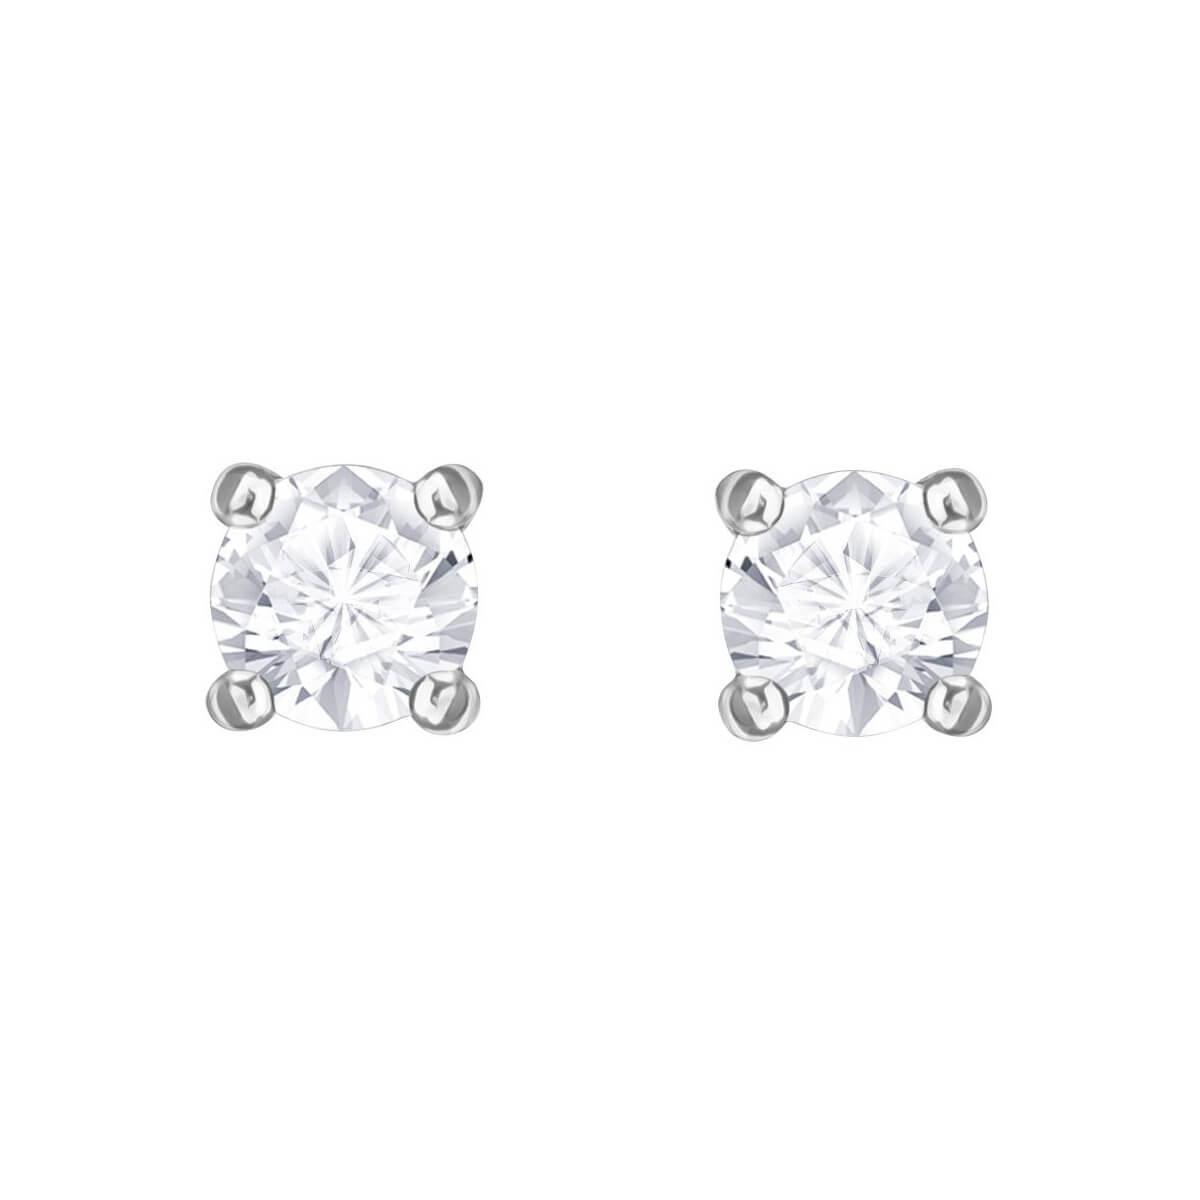 1d3ca6b23 Swarovski. Women's Attract Round Pierced Earrings